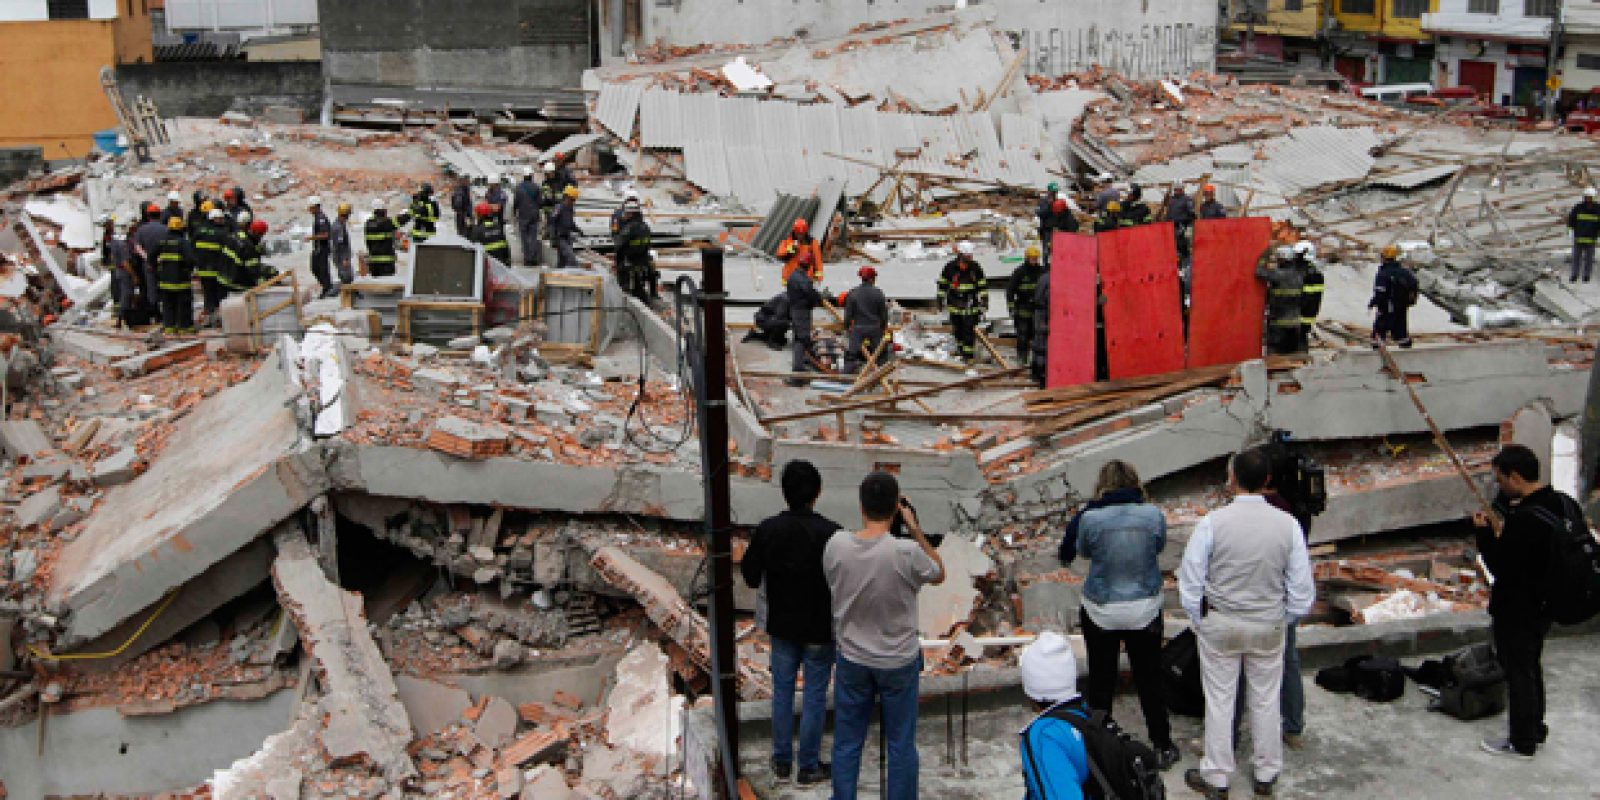 O acidente ocorreu em São Matheus por volta das 8h30 da manhã| Nacho Doce/ Reuters